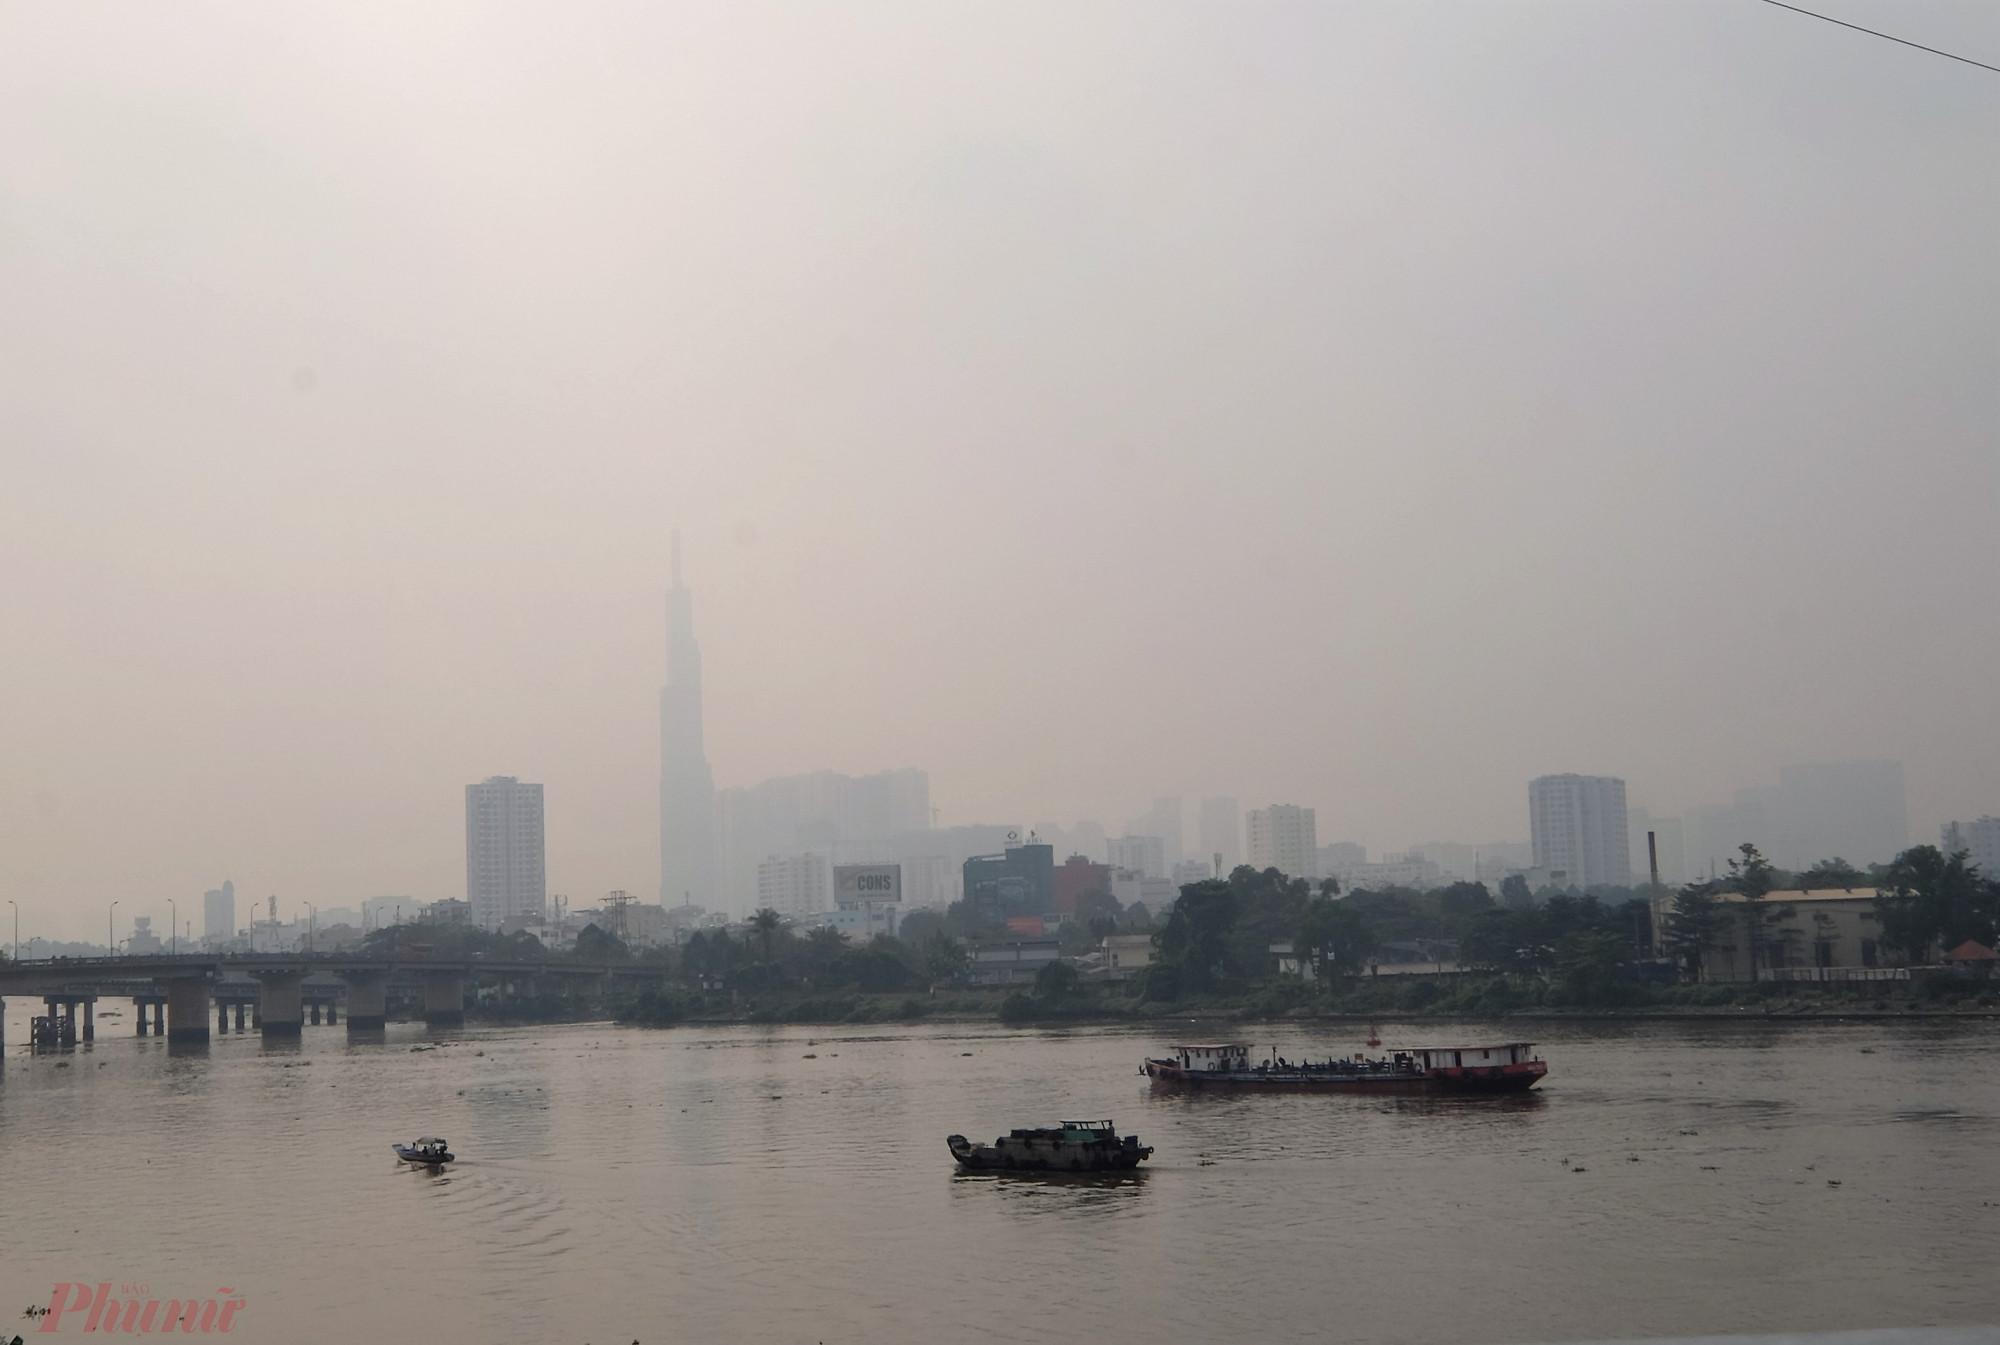 TP HCM  thường xuyên bị bụi mù bao phủ, các tòa nhà cao tầng  gần như biến mất trong nền trời nhuộm màu trắng đục. (Ảnh chụp lúc 10 giờ ngày 12/1/22020).